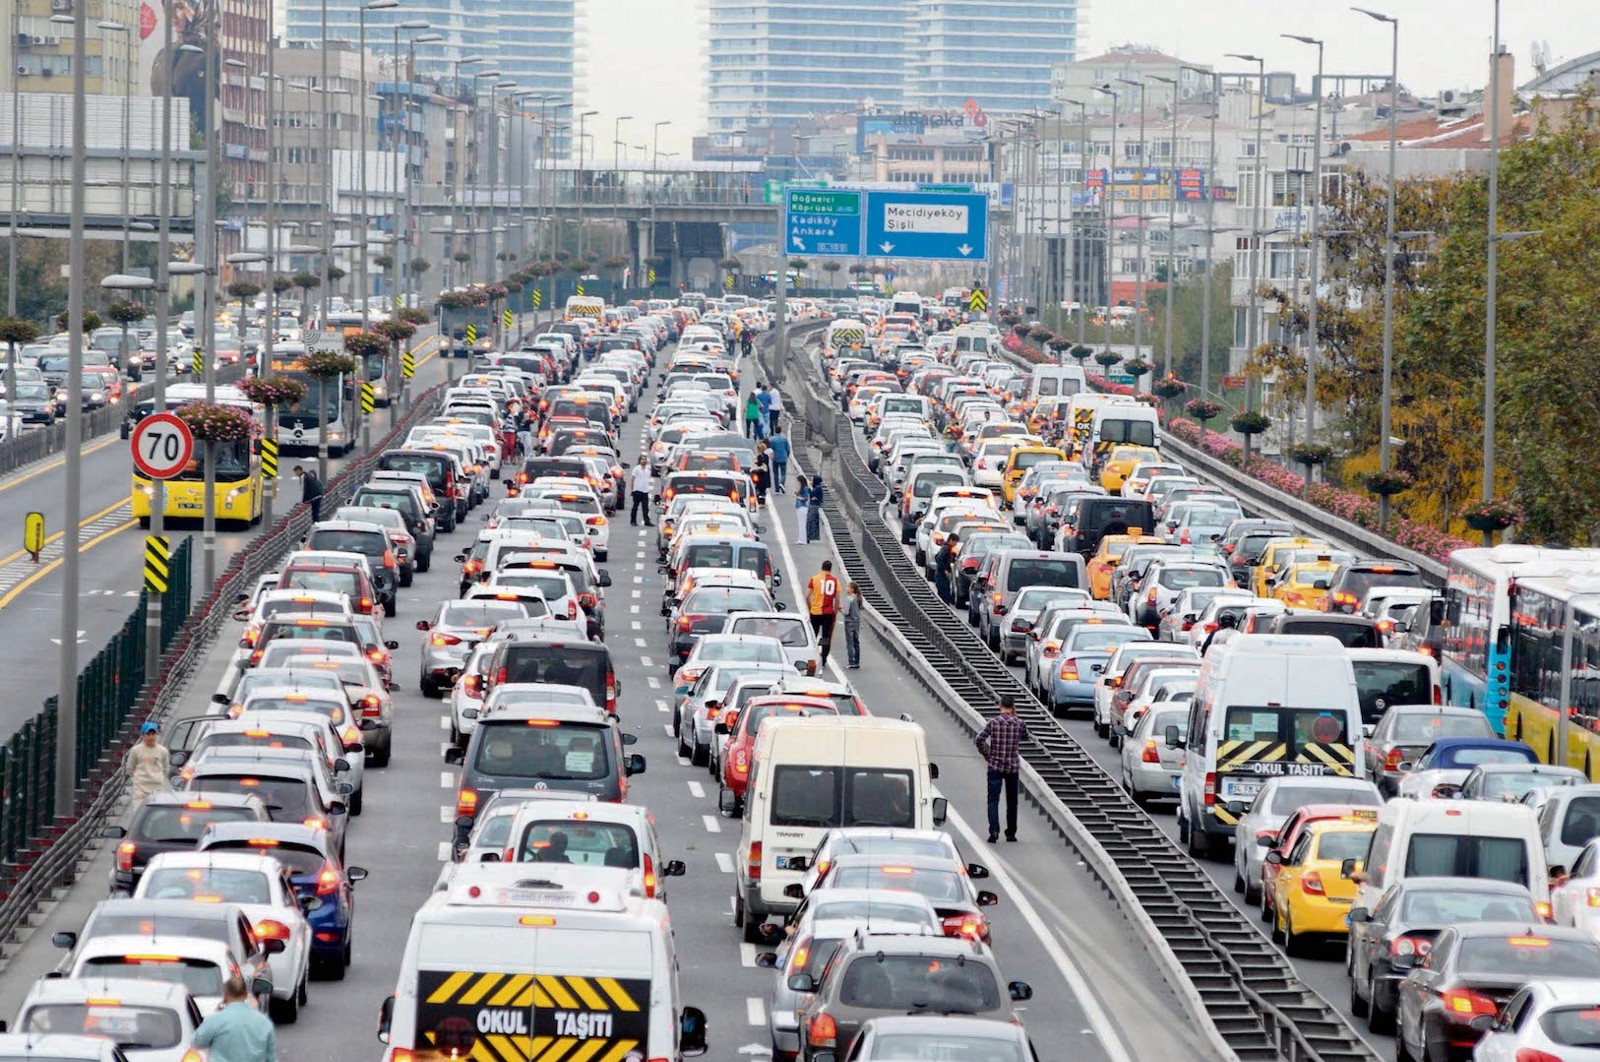 İstanbul trafiğine binlerce araç katıldı! Mart ayında araç sayısı 4 milyon 474 bin 536'ya çıktı